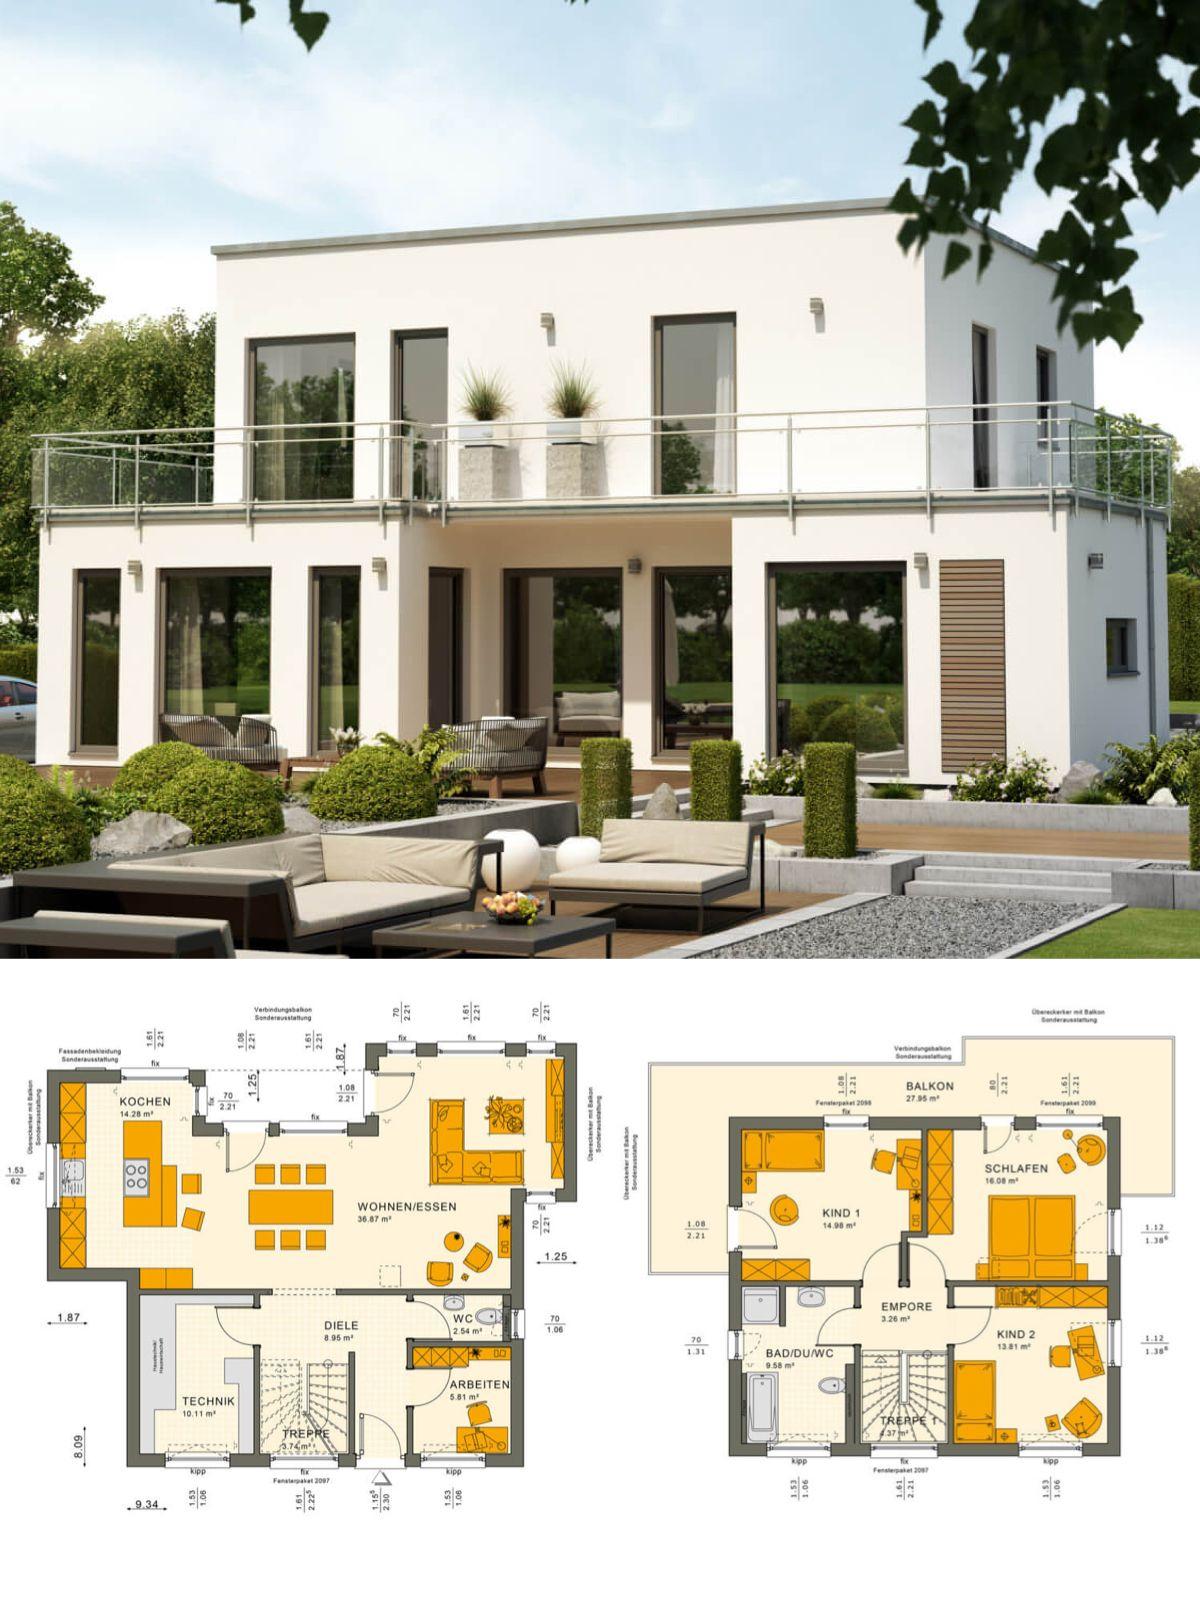 Modernes einfamilienhaus mit flachdach architektur im for Modernes einfamilienhaus grundriss